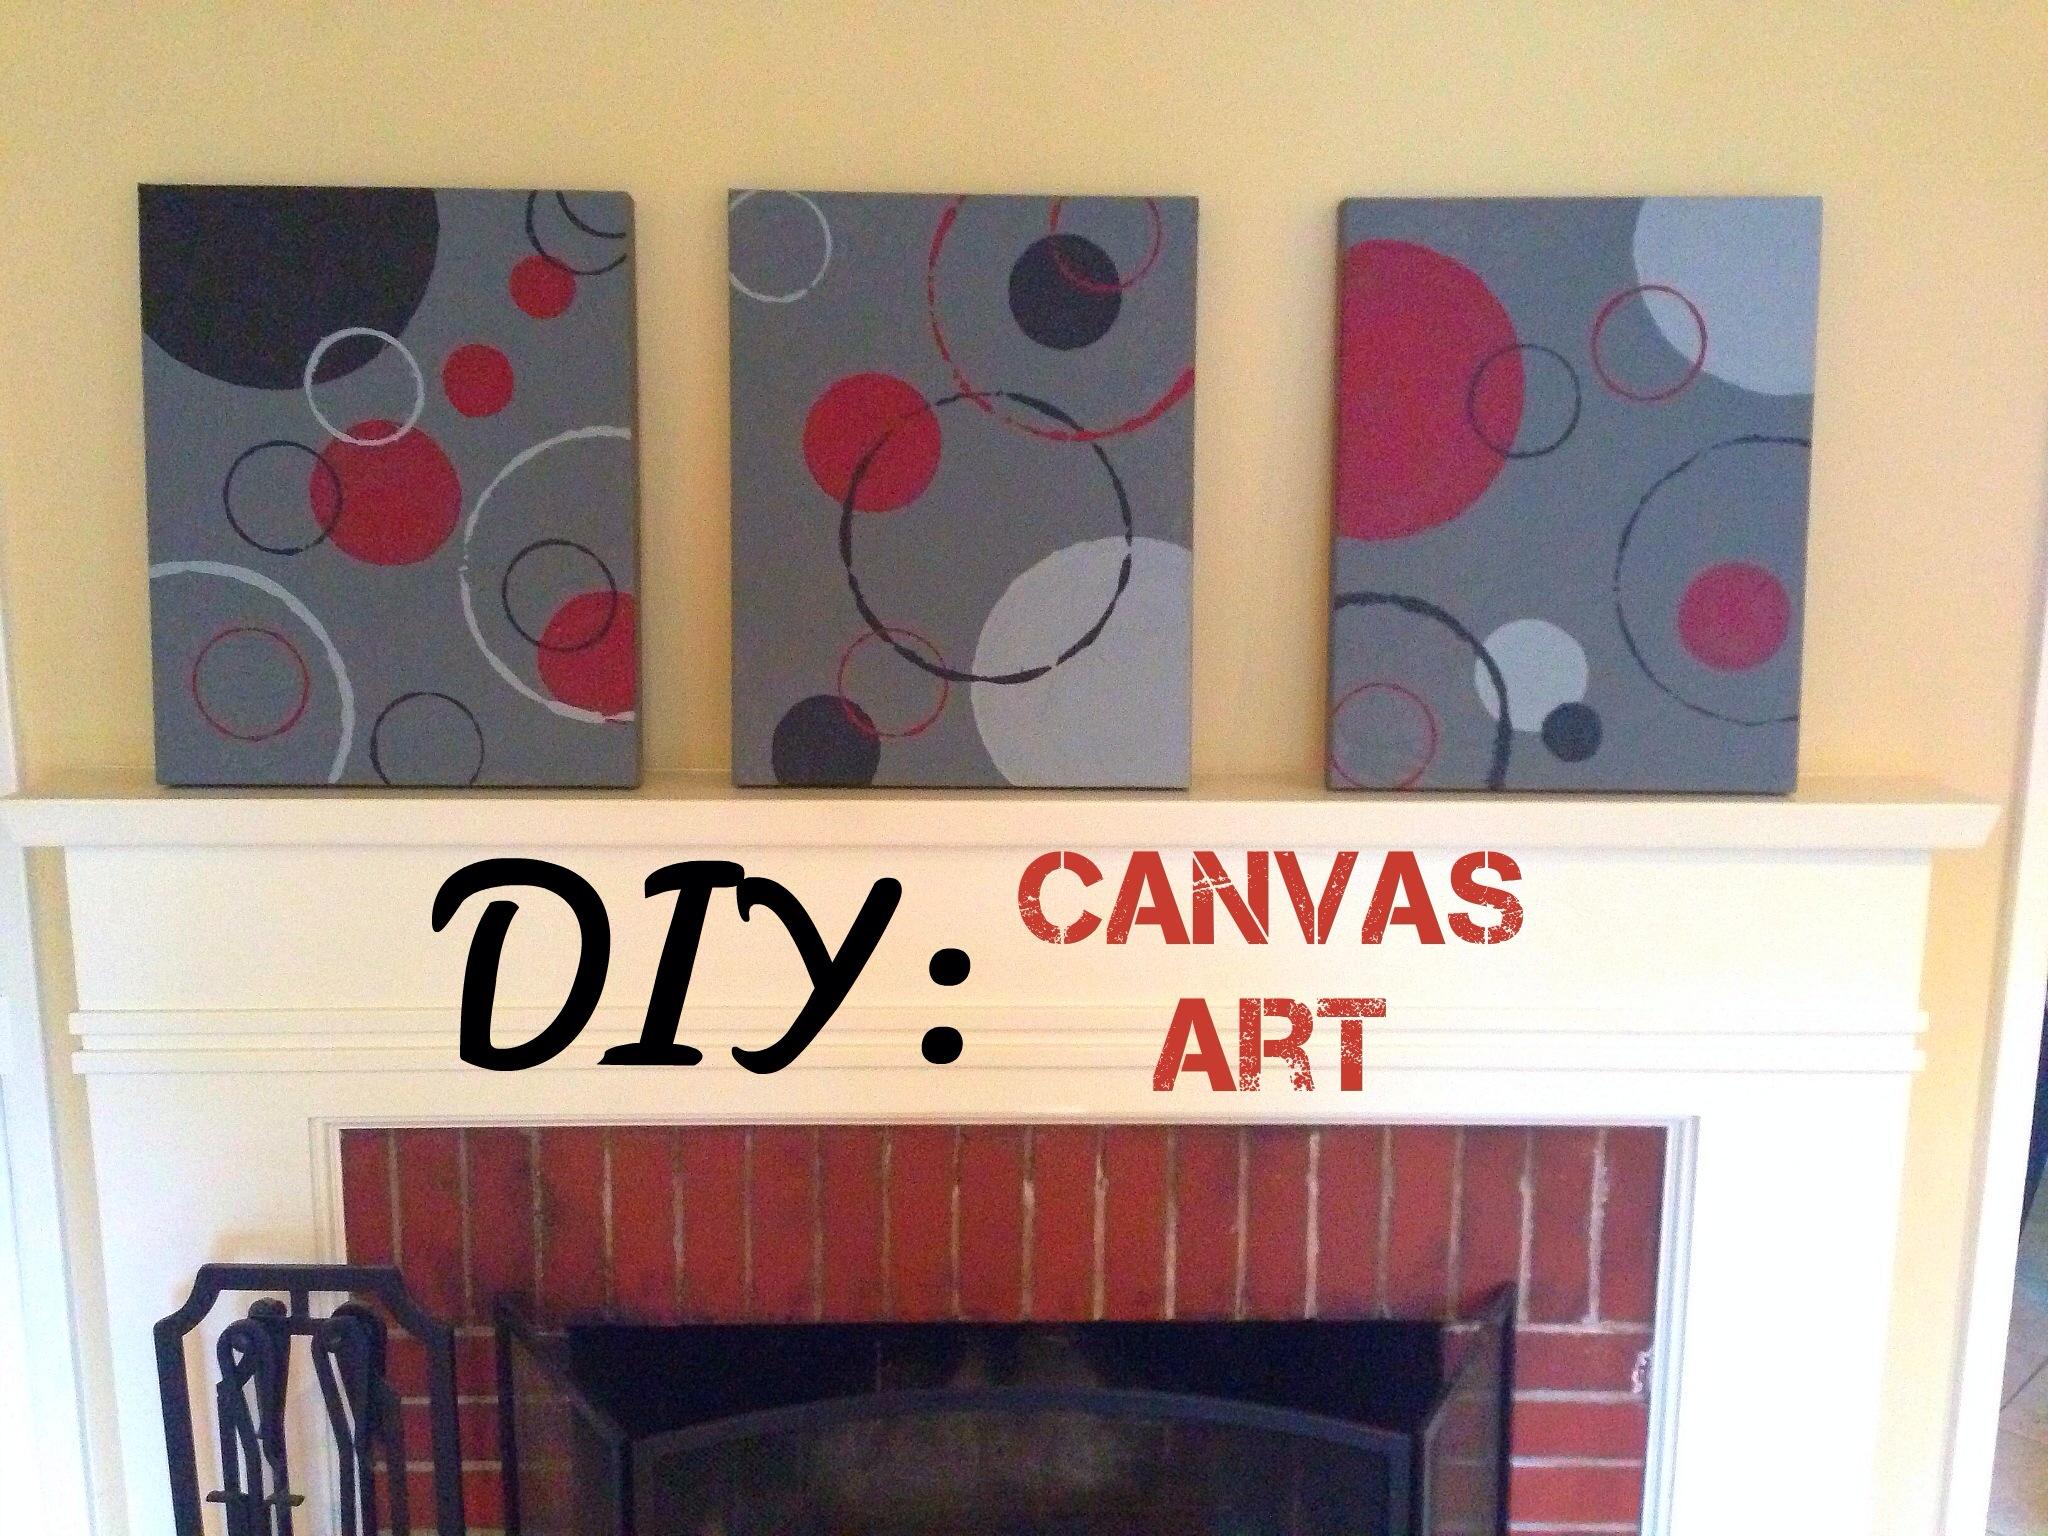 Diy Canvas Art Part - 41: DIY Canvas